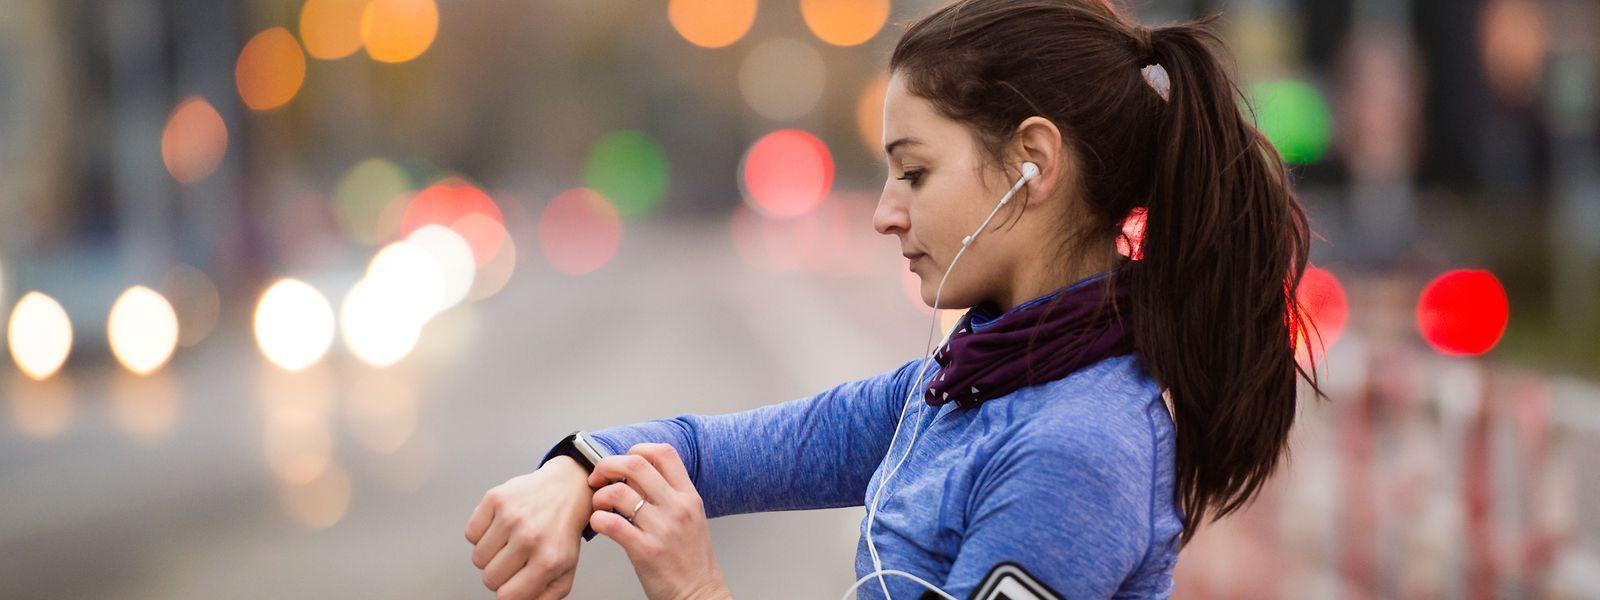 Que deviendraient les millions de données sur l'état de forme des sportifs possédant un bracelet connecté Fitbit? La question préoccupe l'UE.